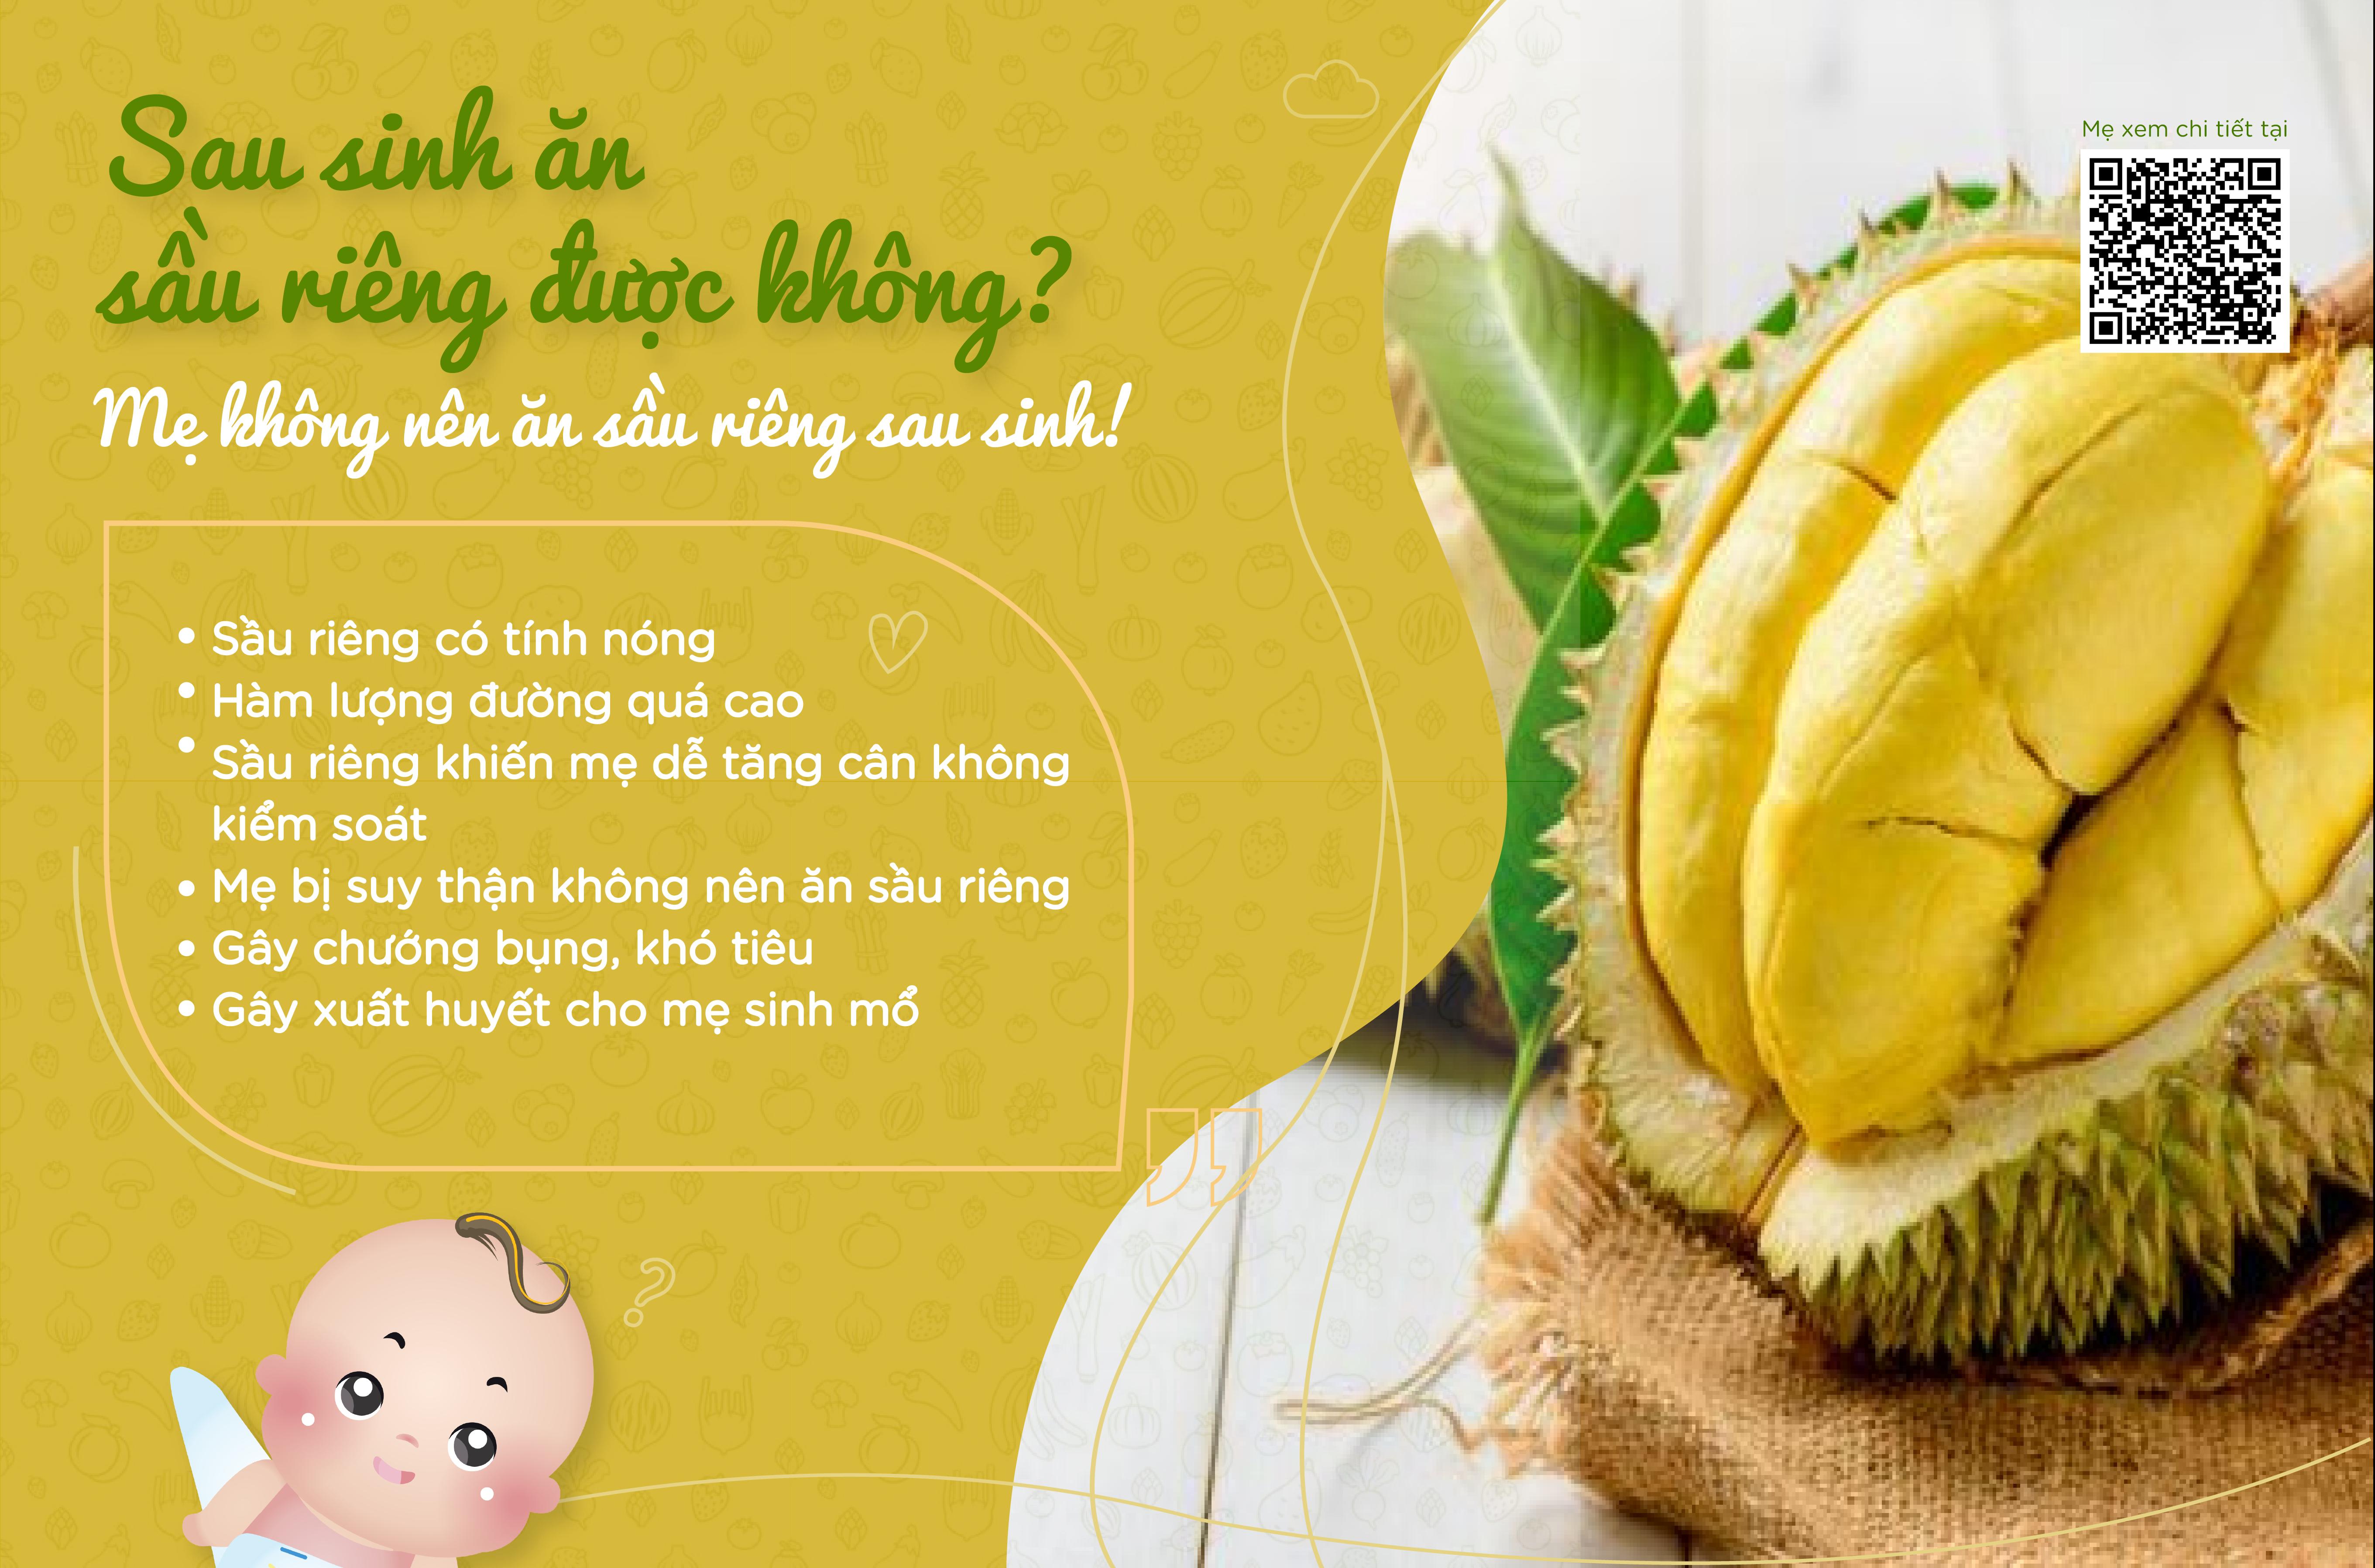 Sau sinh ăn sầu riêng được không?